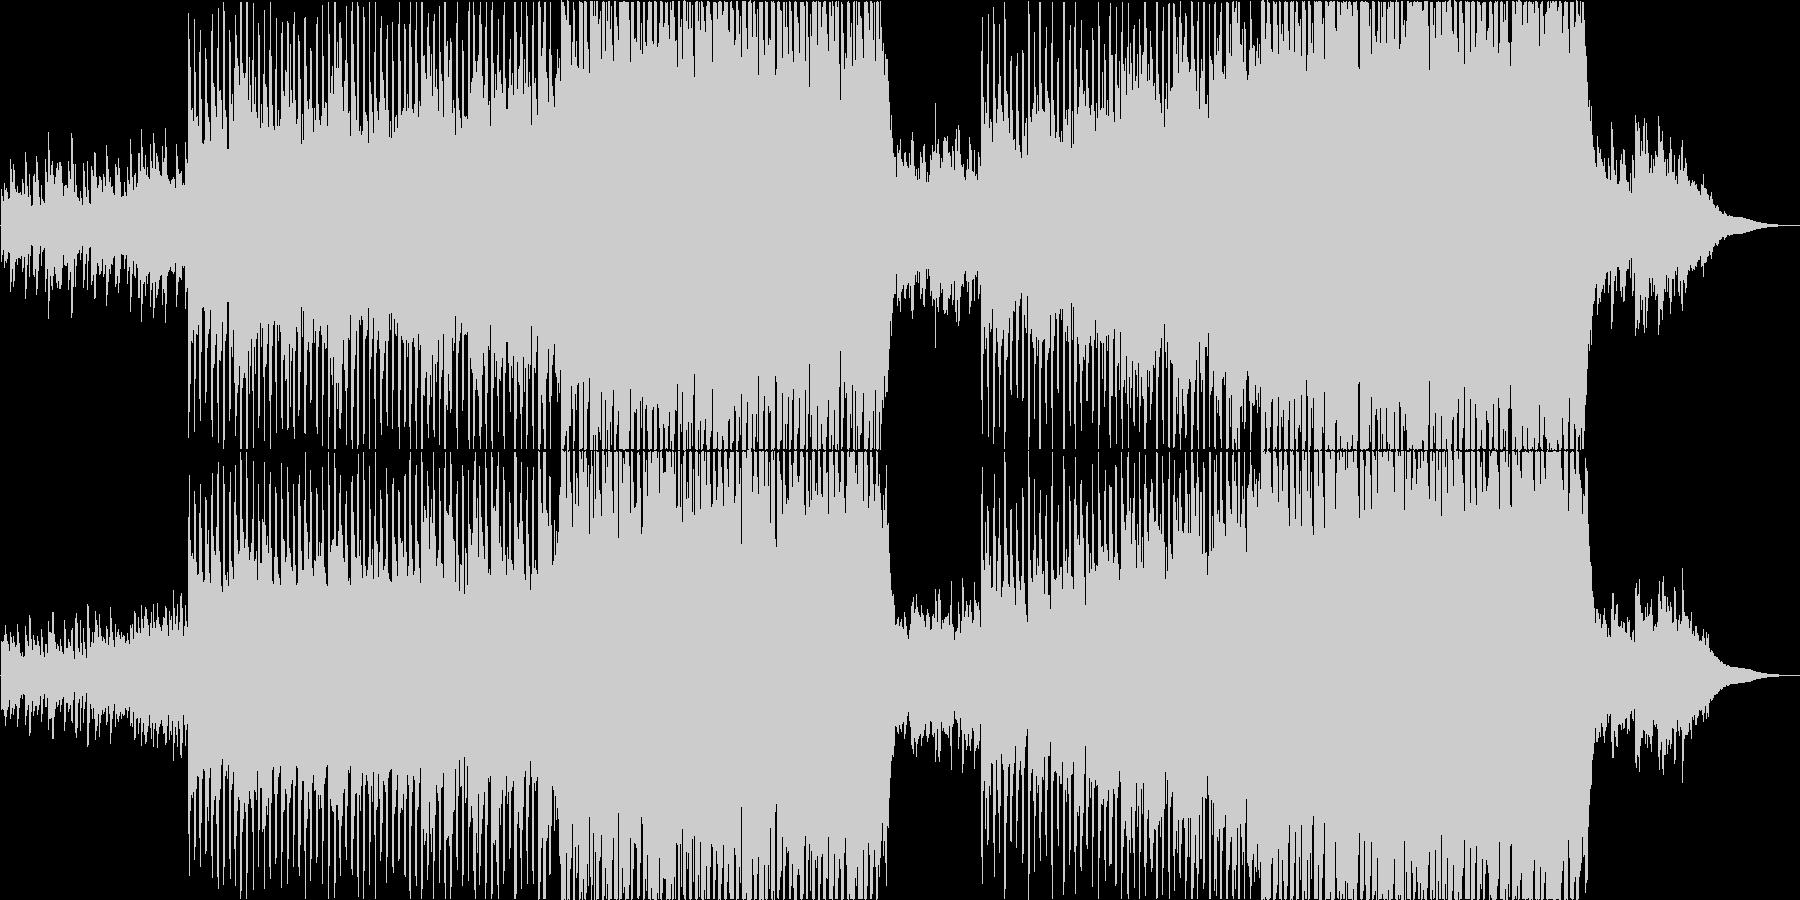 ピアノとストリングスの高揚感のある曲の未再生の波形